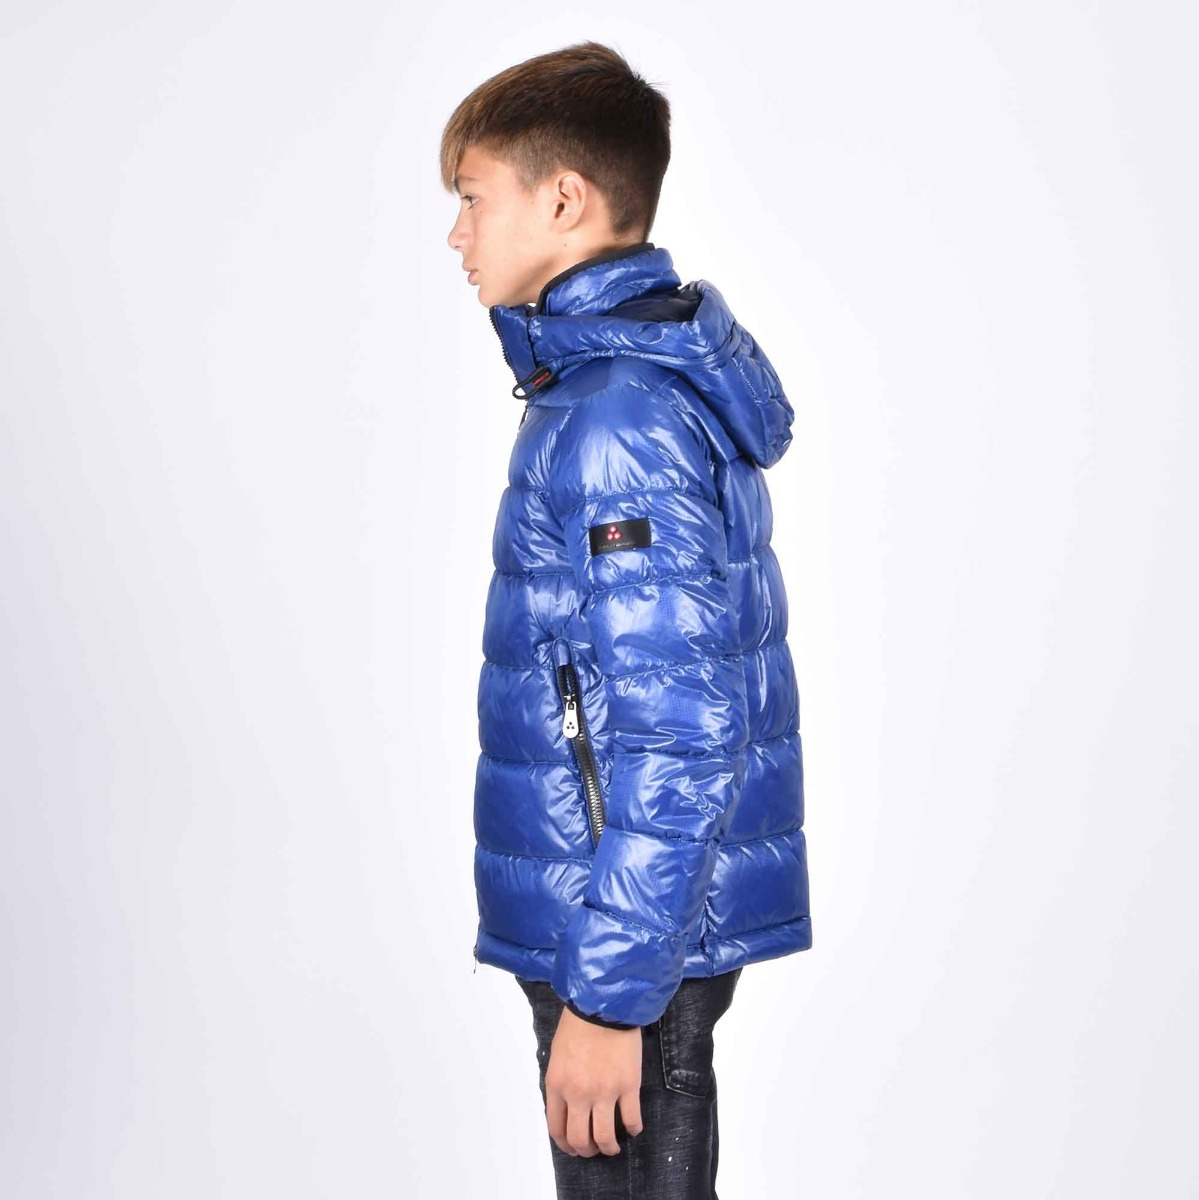 Giubbino boggs cy 01 kid- Bluette